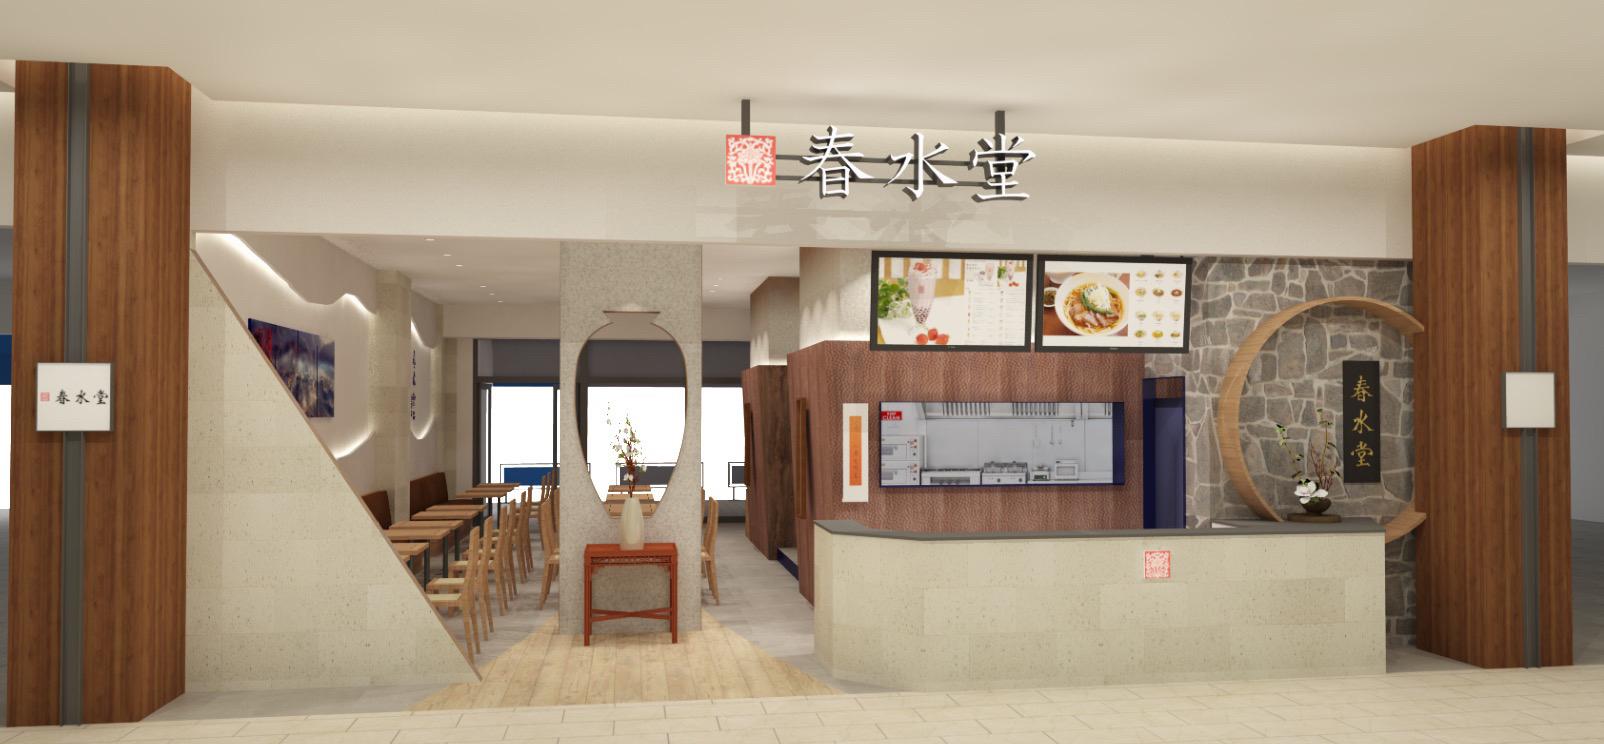 春水堂 三井アウトレットパーク 横浜ベイサイド店